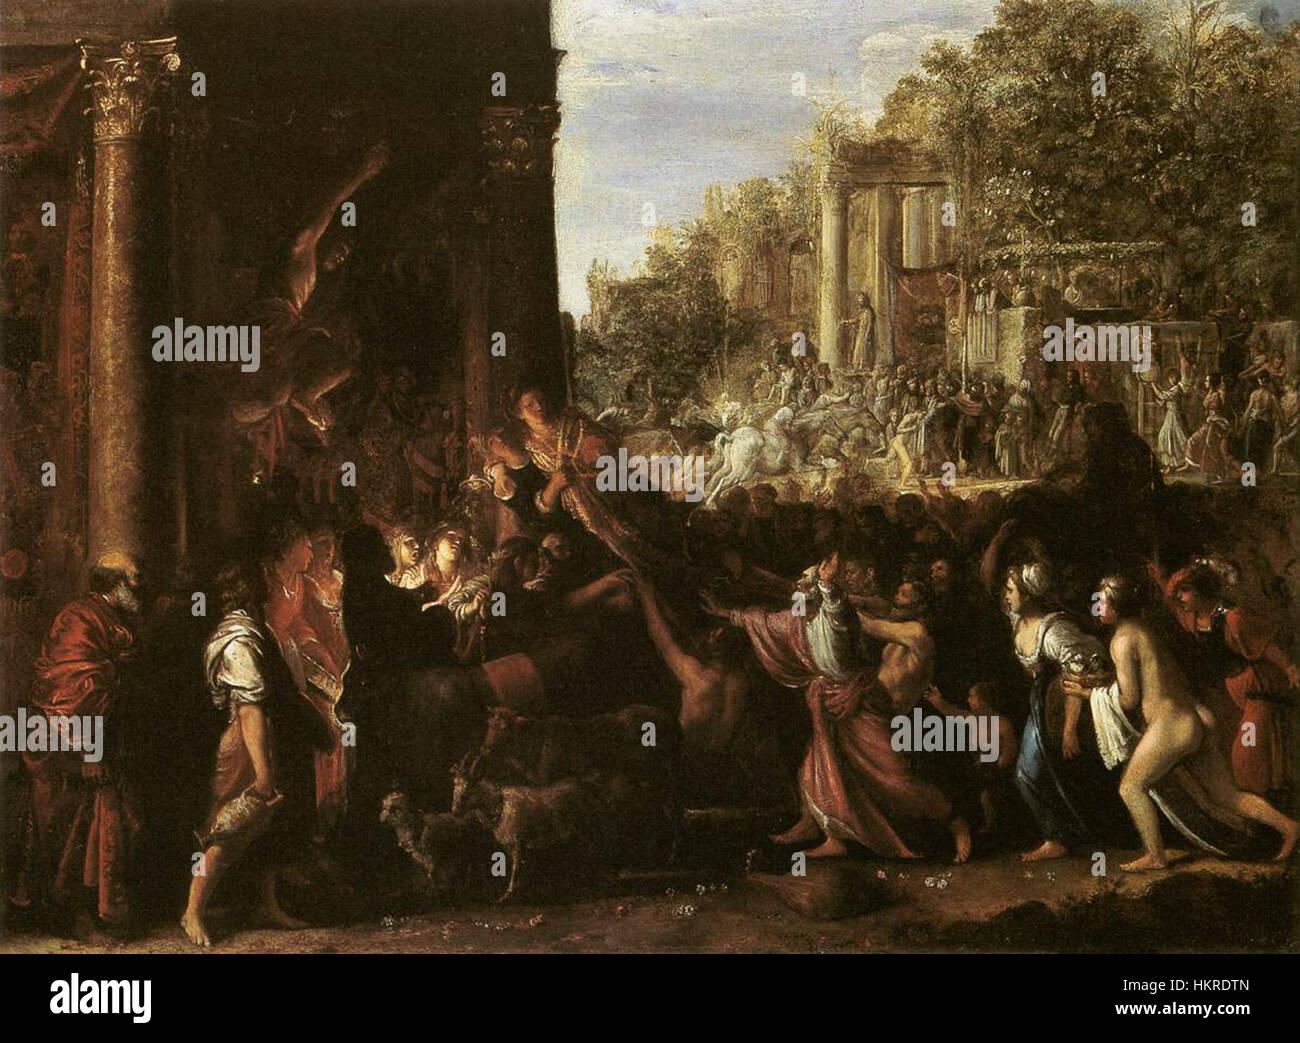 Elsheimer Adam - Il contento - WGA7492 Immagini Stock